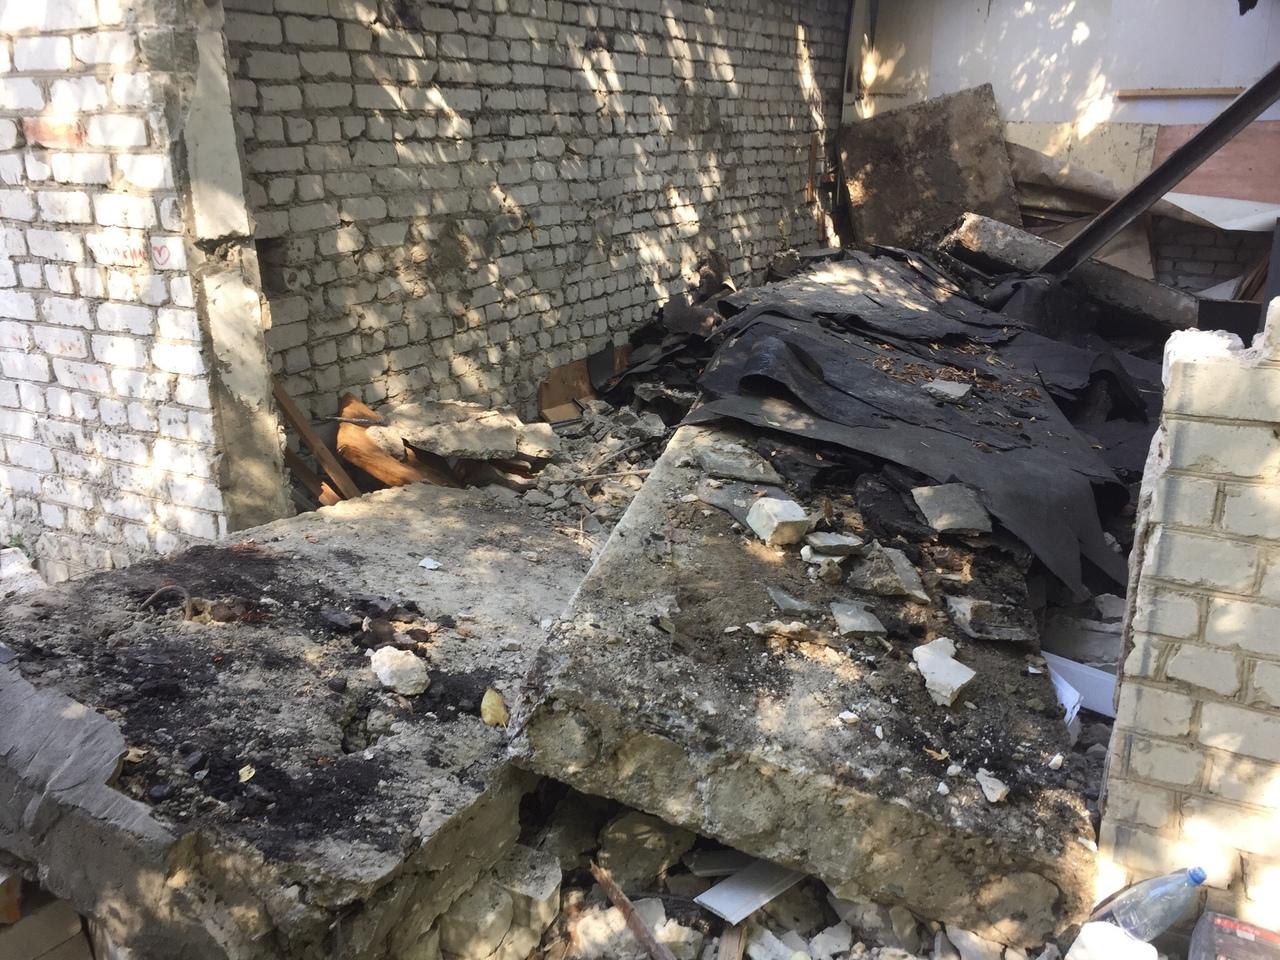 В Брянске возбудили уголовное дело по факту гибели людей при обрушении гаража